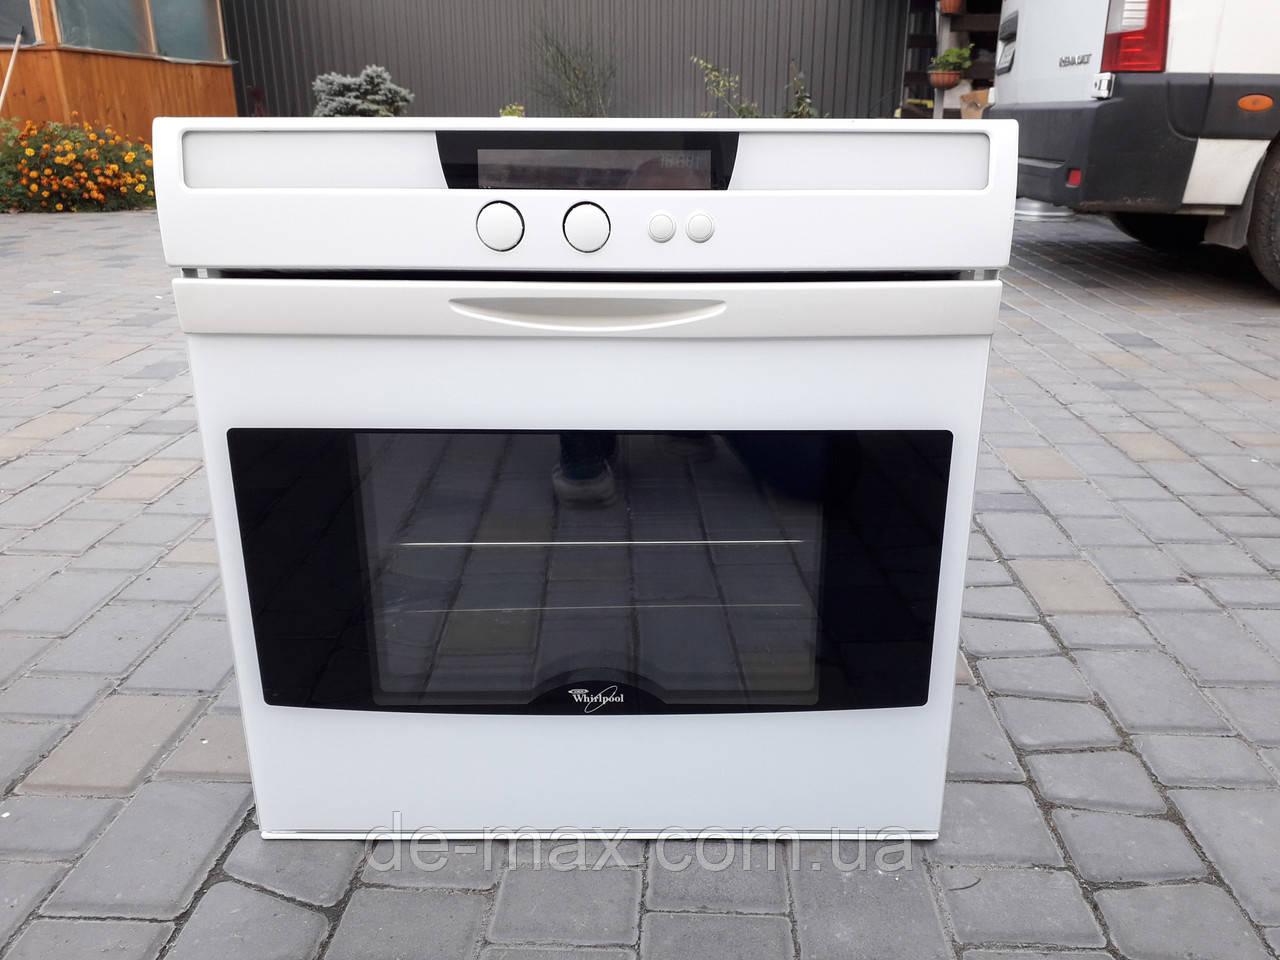 Духовой шкаф Whirlpool AKZ 170 WH белый